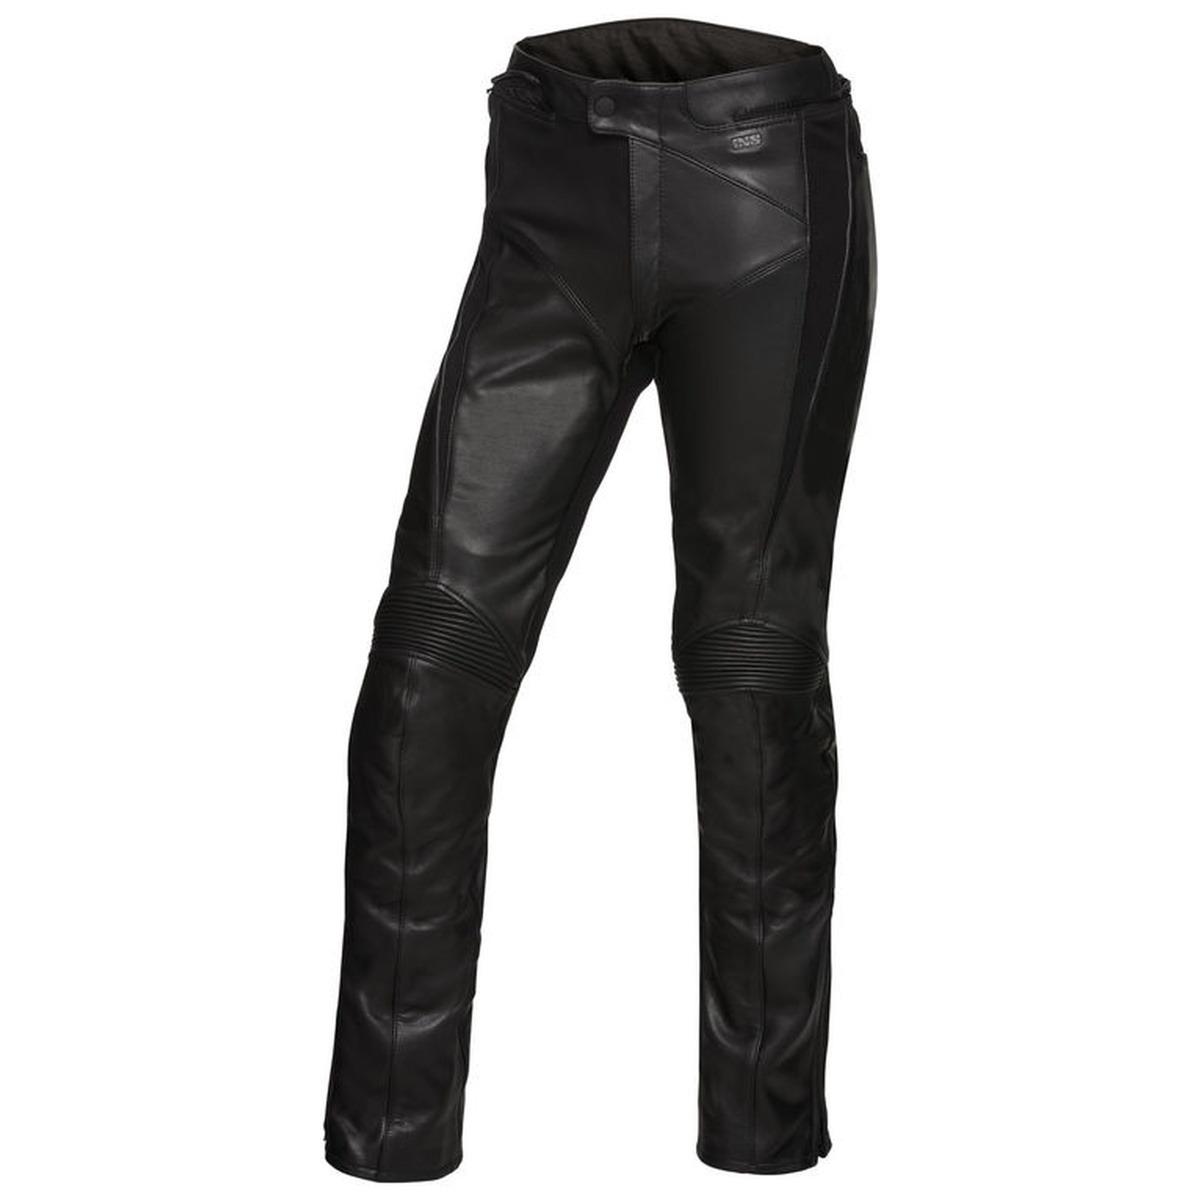 c5217c36 Spodnie skórzane damskie IXS LADY ANNA